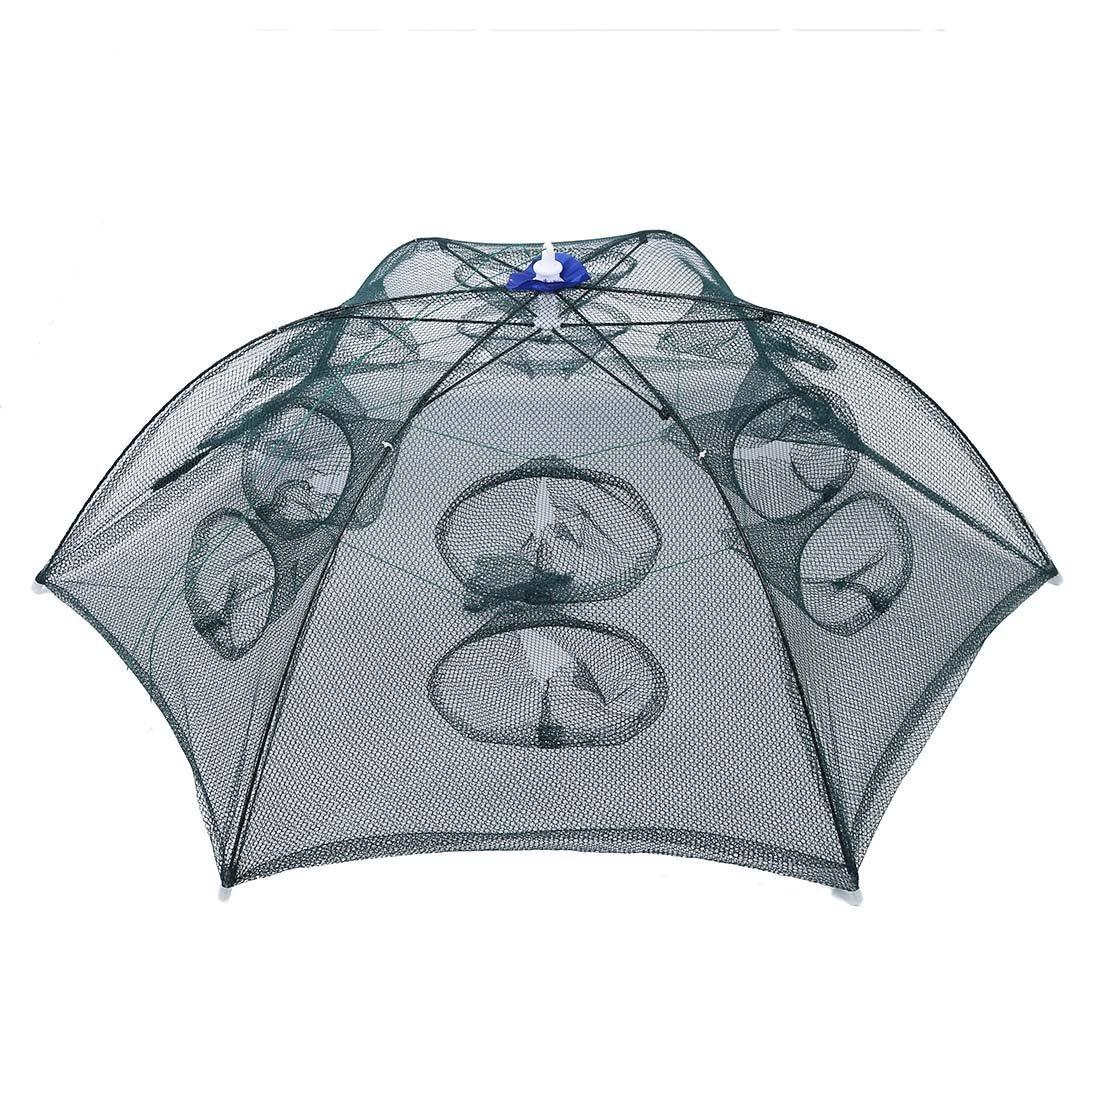 TOOGOO ( R )トラップネット釣りCamaronケージポータブル傘スタイル折りたたみ式with 12穴グリーン B01I66XH5E